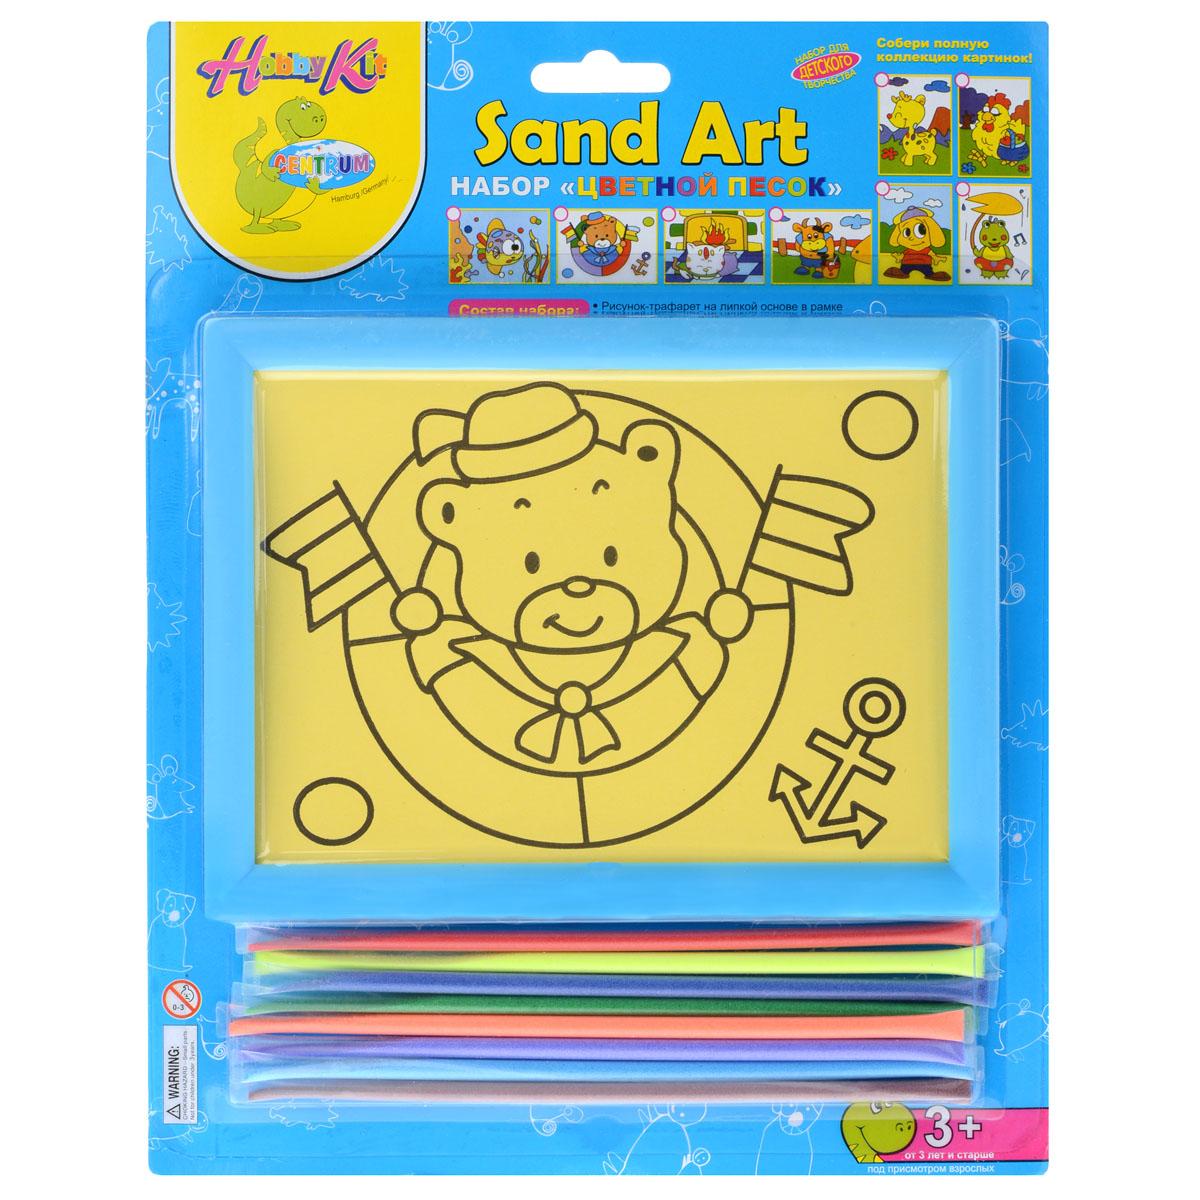 Набор для создания картины из цветного песка Centrum Медведь82457МНабор для создания картины из цветного песка Centrum Медведь обязательно порадует вашего малыша. С его помощью ребенок сможет своими руками создать необычную картину из цветного песка с изображением веселого мишки-морячка. В набор уже входит все необходимое для творчества: картинка-трафарет в пластиковой рамке и кварцевый песок 8 цветов (красный, желтый, синий, зеленый, оранжевый, фиолетовый, голубой, коричневый). Создать картину из цветного песка совсем несложно - на основу уже нанесен контур рисунка. Постепенно снимайте защитный слой с трафареты и засыпайте цветной песок нужного цвета на клейкую поверхность. Затем подождите, пока песок высохнет - и объемная картина из цветного песка готова! Готовую картину можно оформить входящей в комплект рамкой. Простой и увлекательный процесс создания картины подарит вашему малышу массу удовольствия, и поможет развить мелкую моторику рук, аккуратность, творческое мышление и художественный вкус. Готовая картина из цветного...